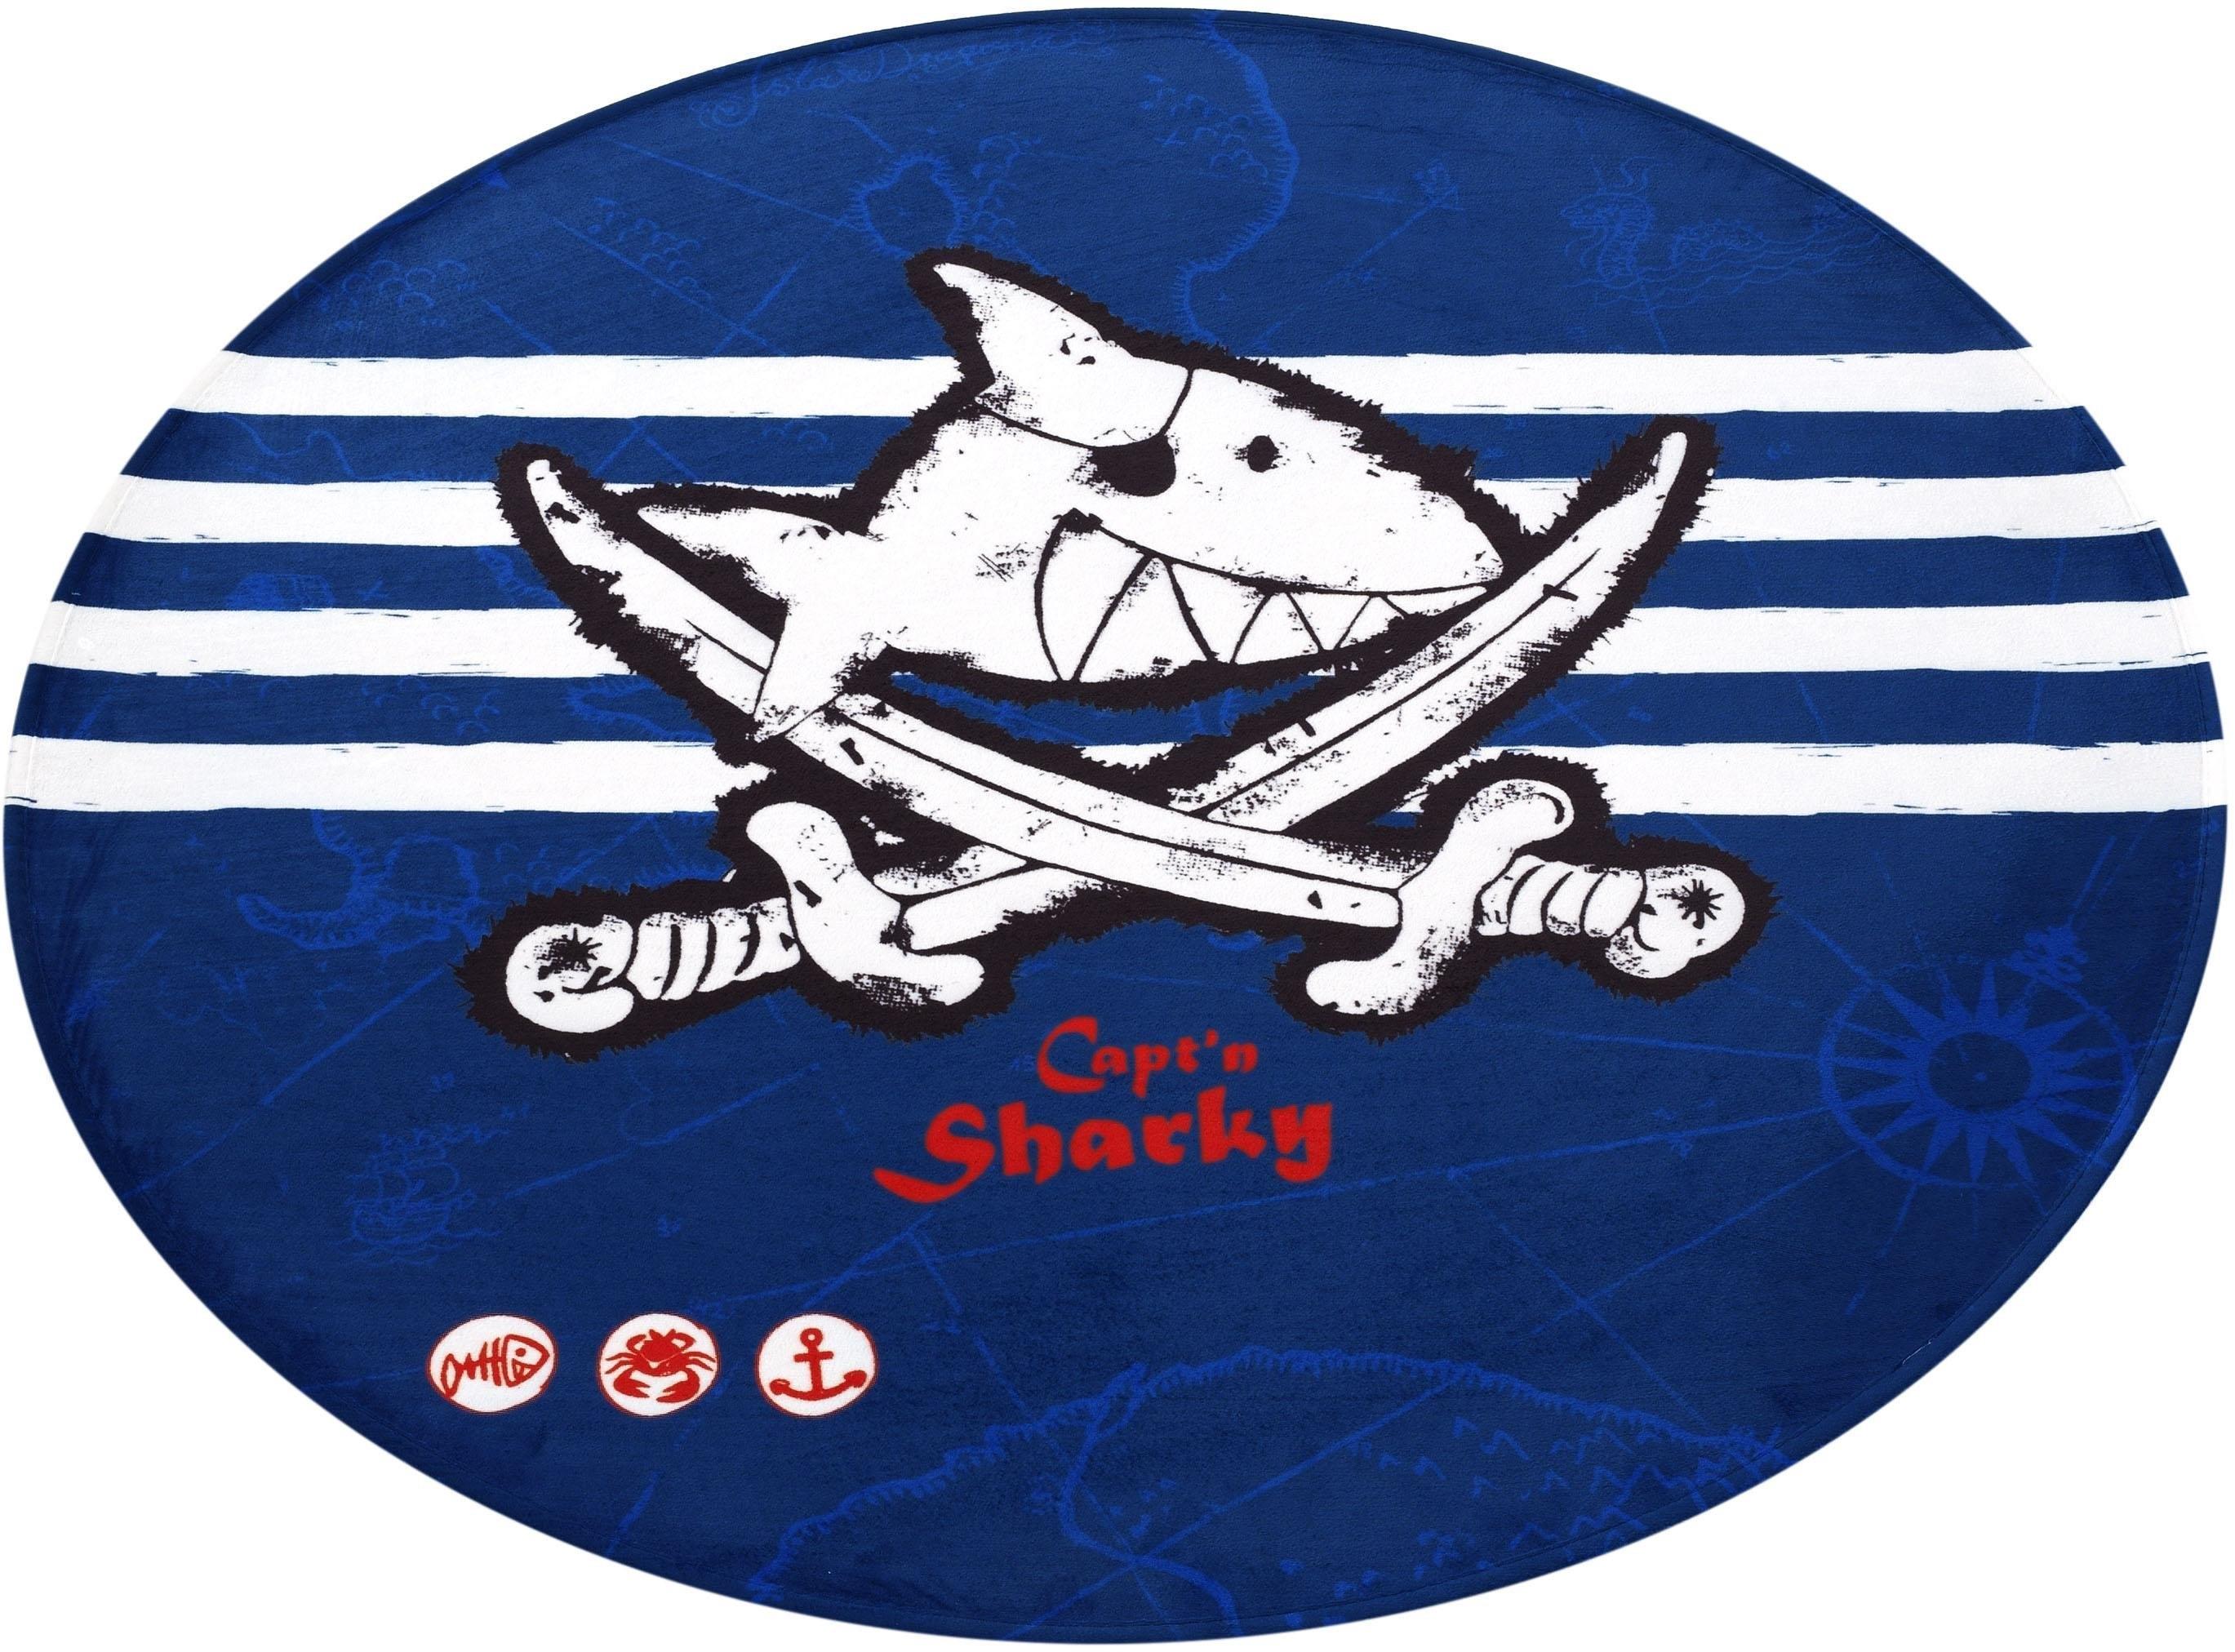 Capt`n Sharky vloerkleed voor de kinderkamer SH-313 gedessineerde stof, zachte microvezel, kinderkamer goedkoop op otto.nl kopen